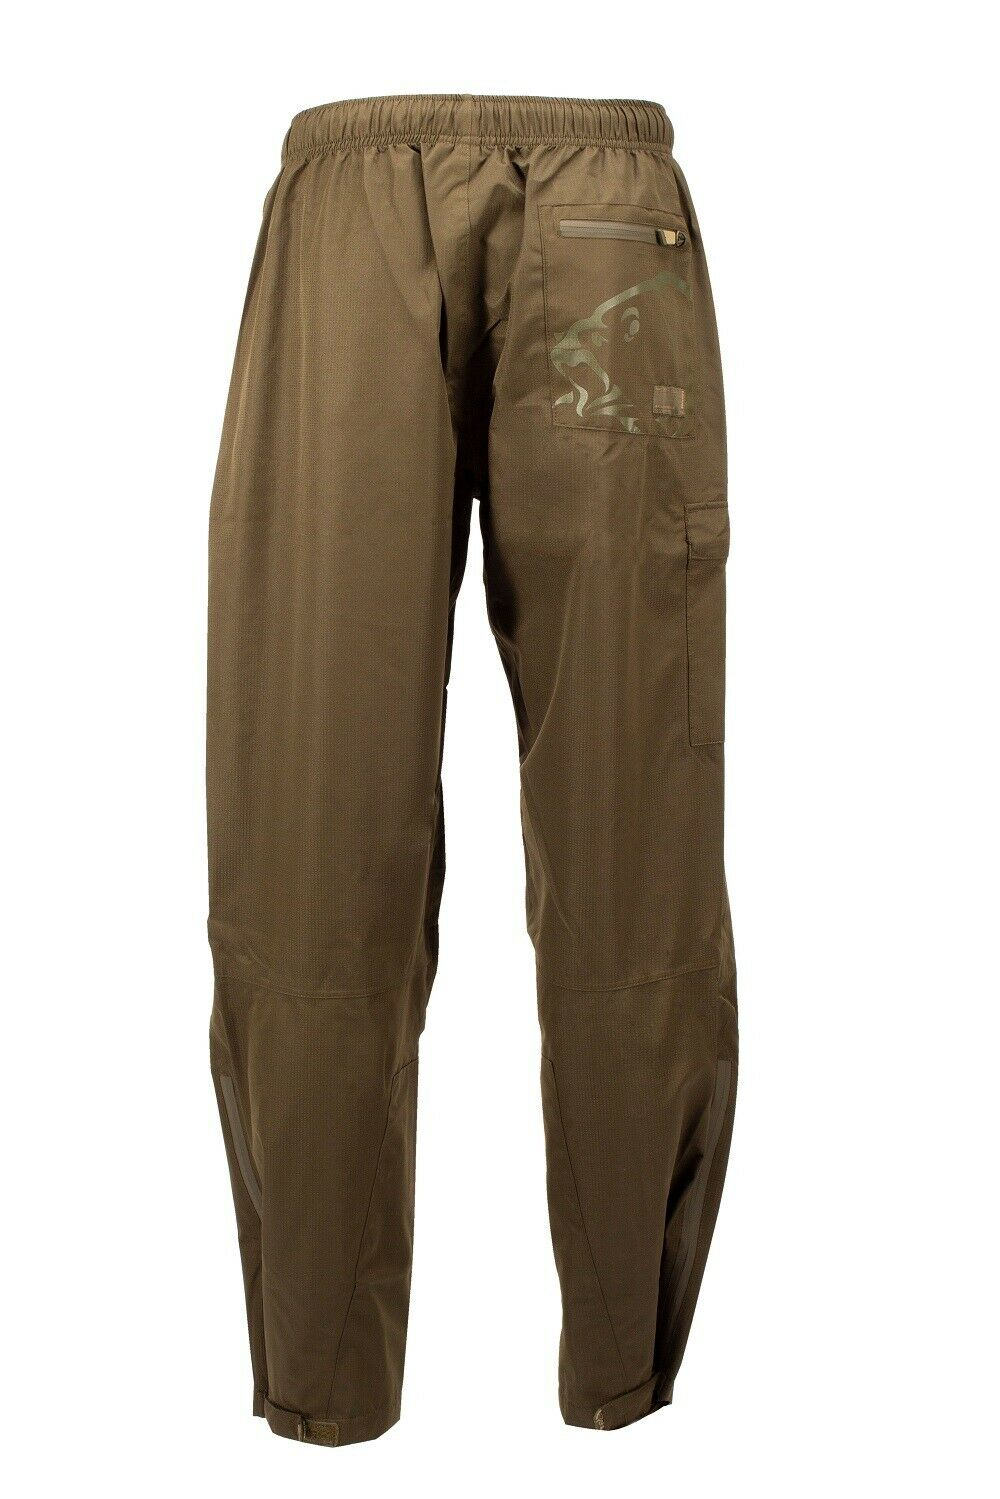 Nash Leggero Impermeabile Pantaloni Per Bambini verde  Tutte le Taglie  Pesca nuovo